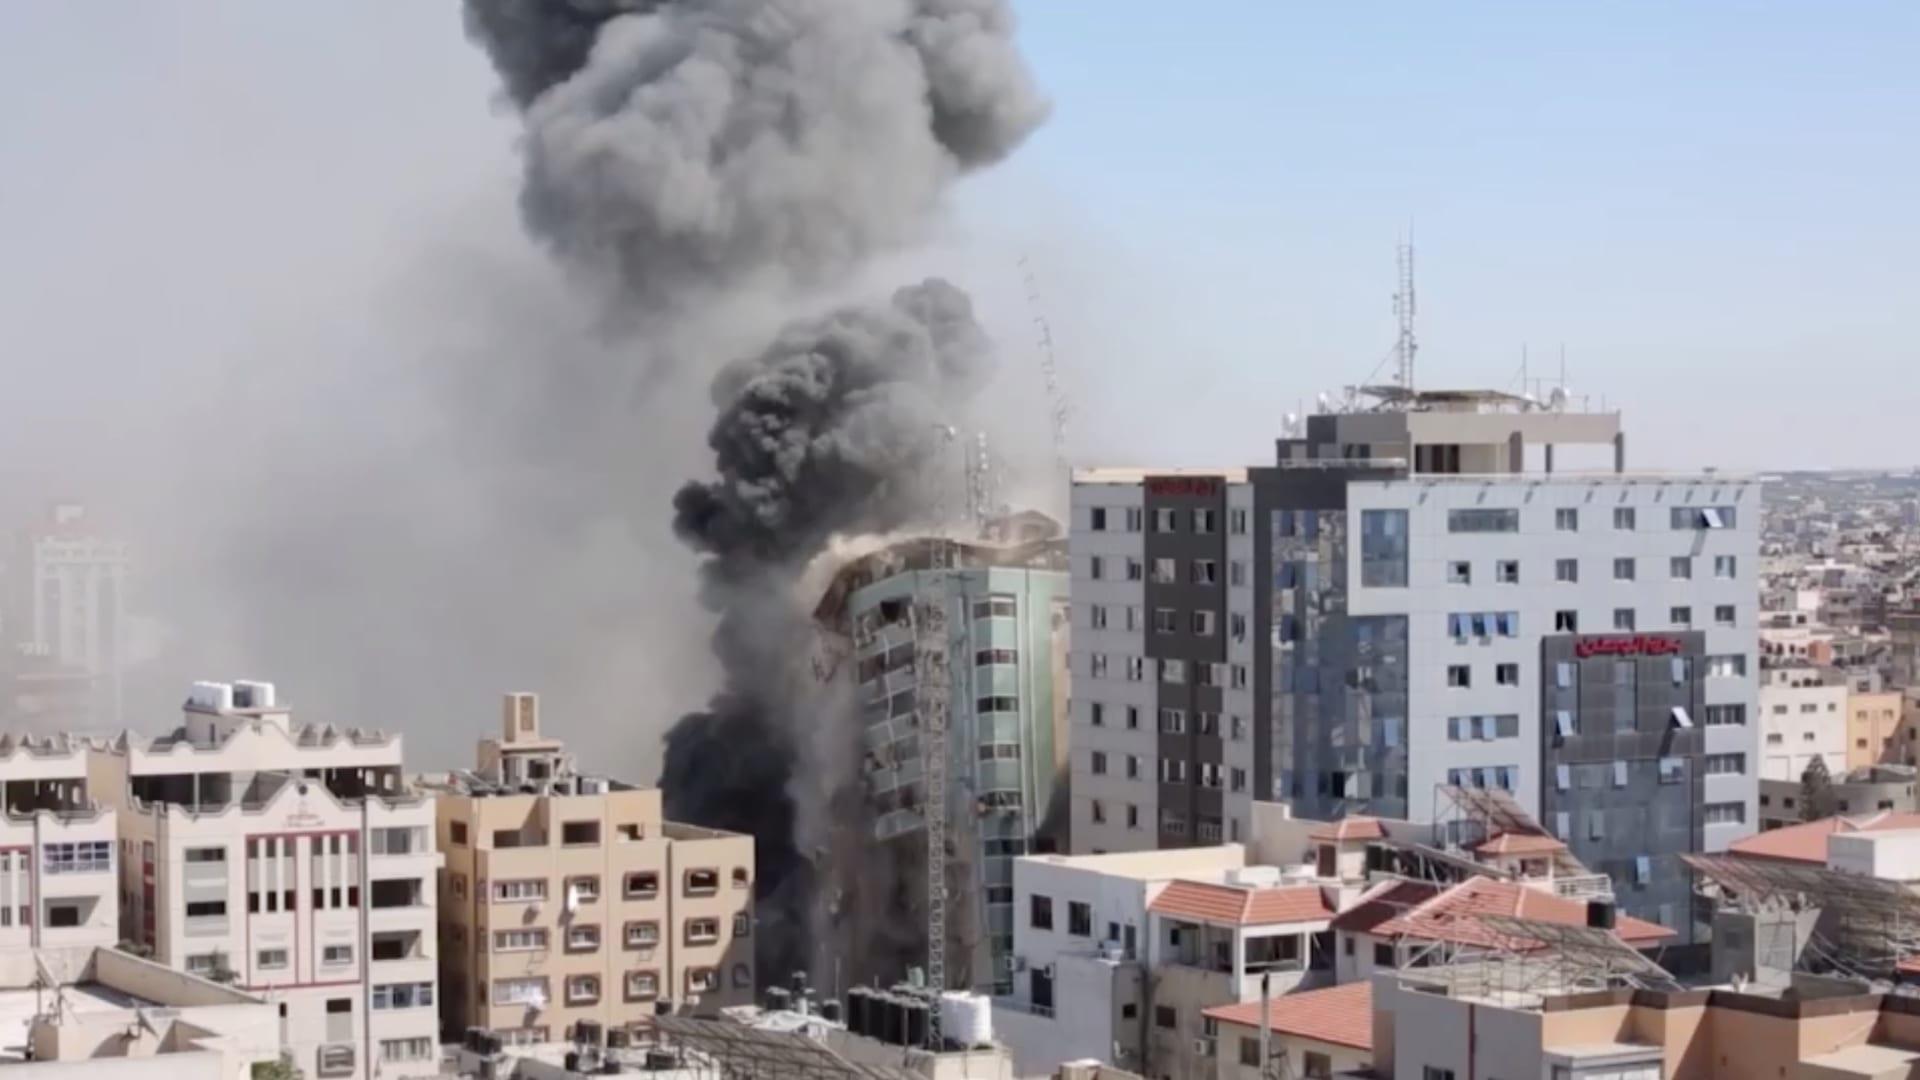 """أين جنودكم وأين مدرعاتكم.. رسالة مصورة من سرايا القدس للعدو """"ننتظركم منذ مئات الساعات"""" 2"""